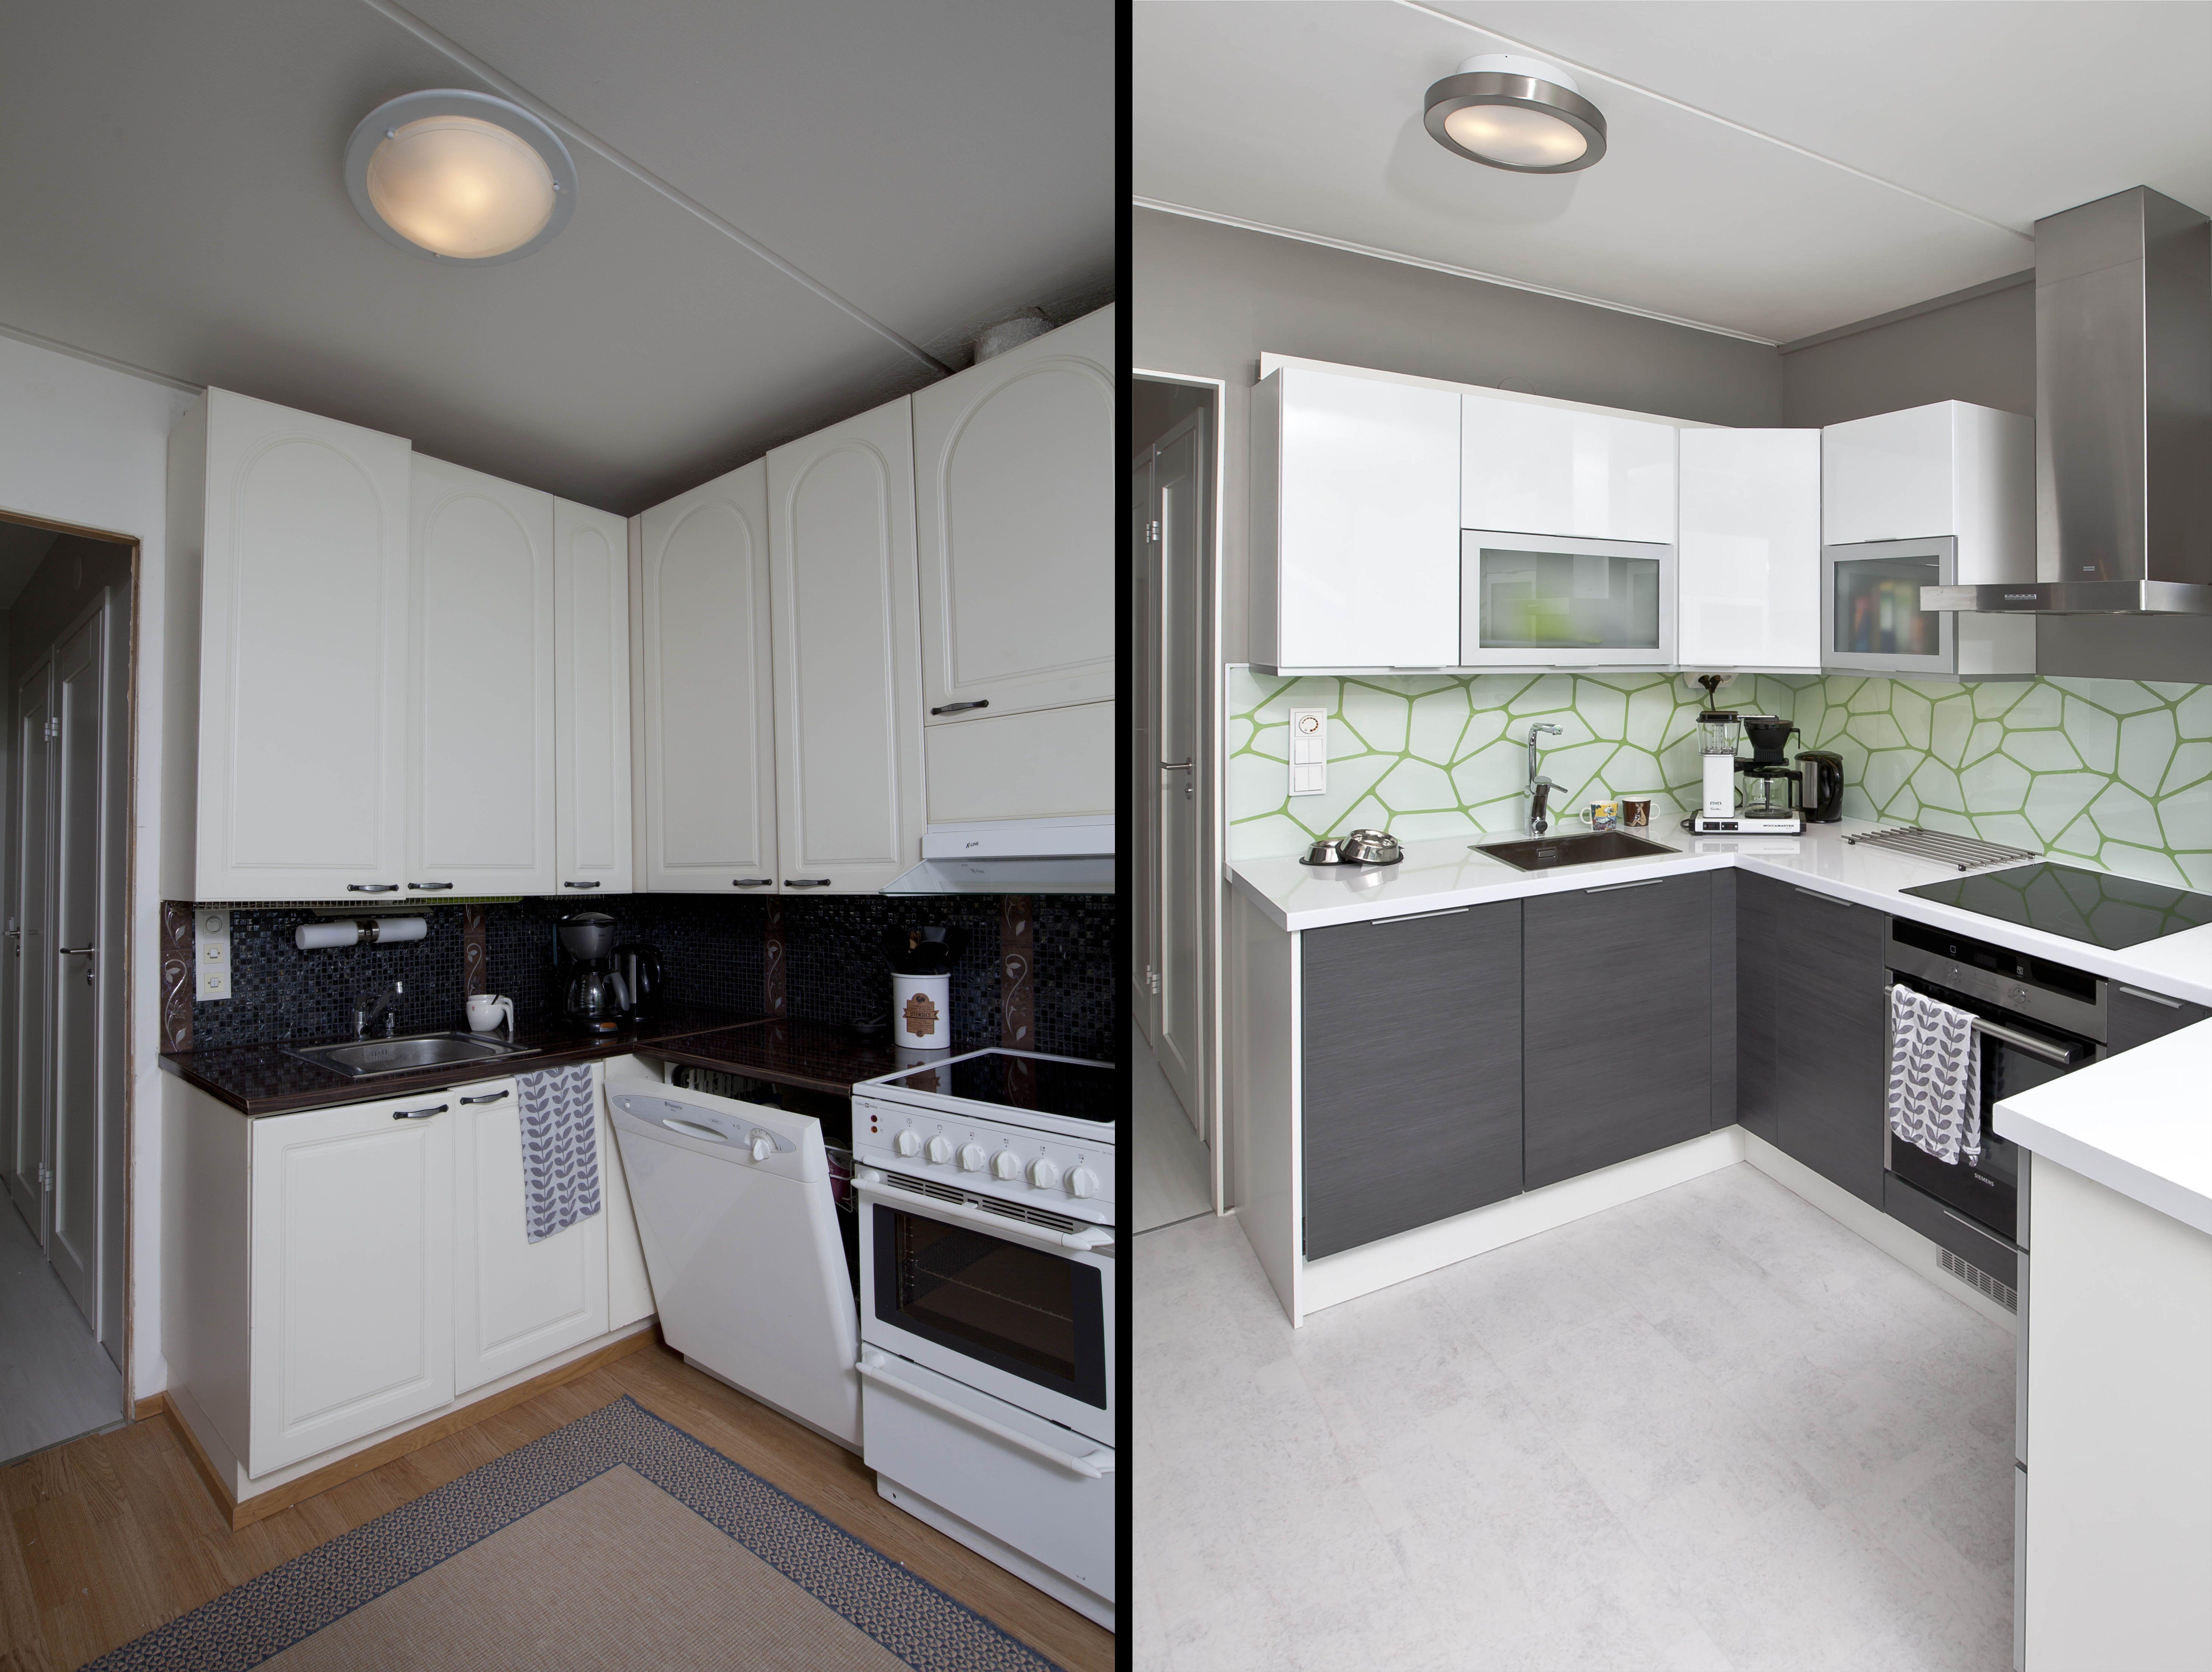 Aikaisemman keittiön kuivauskaapissa oli kolme ovea johtuen asunnon edellisen